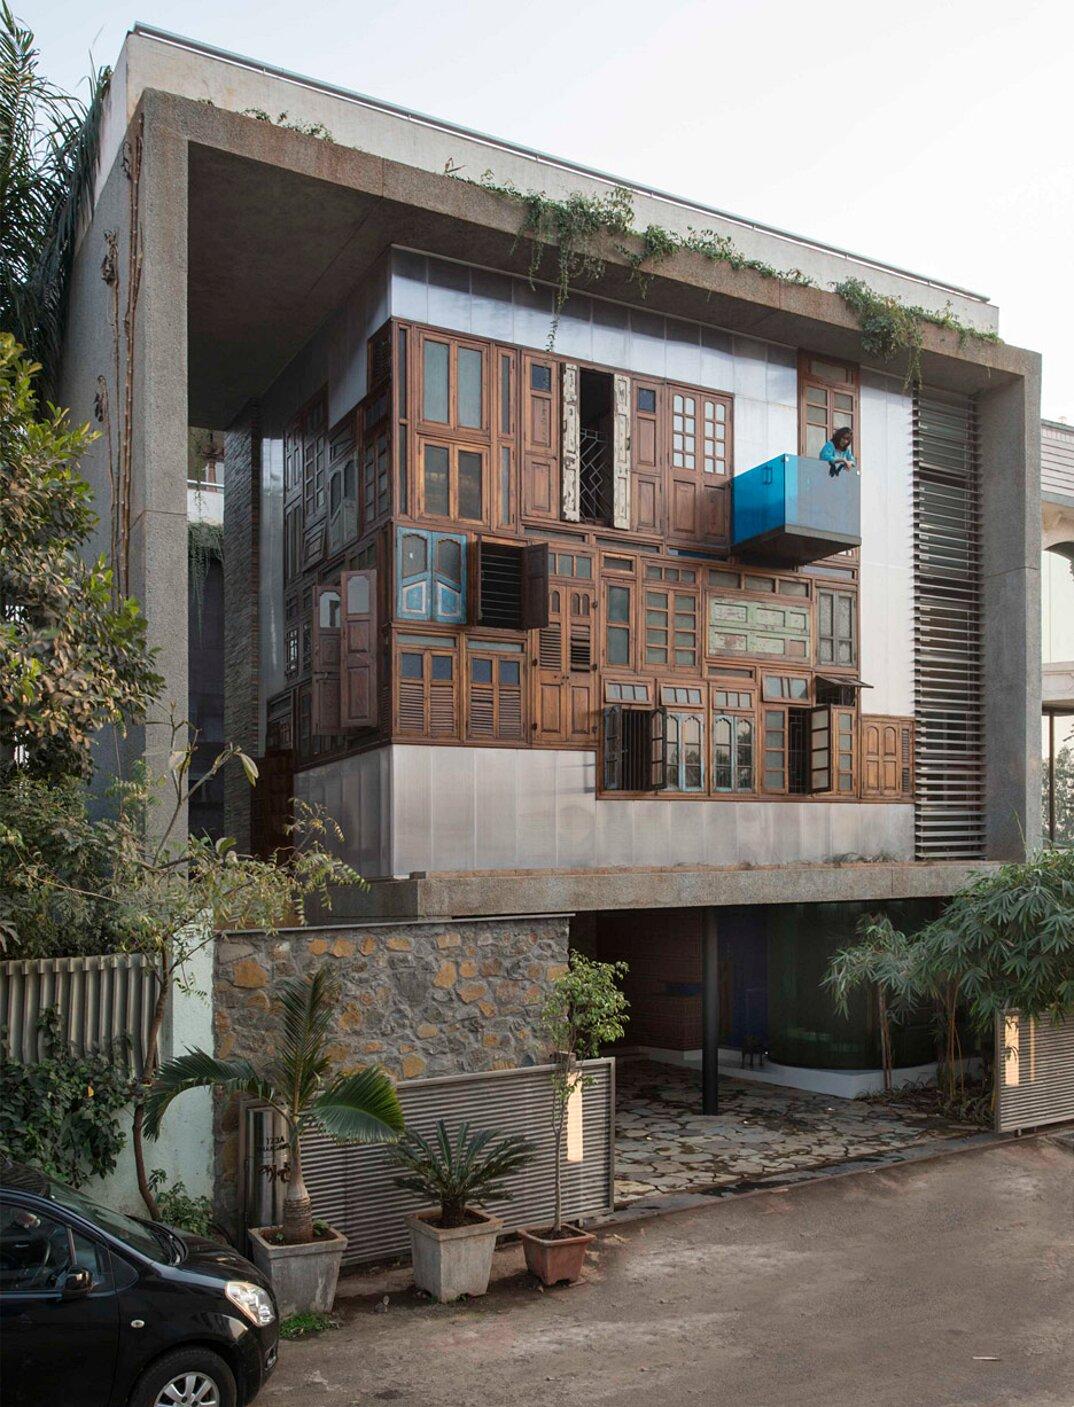 edificio-materiali-riciclati-architettura-sostenibile-mumbai-sps-architects-22